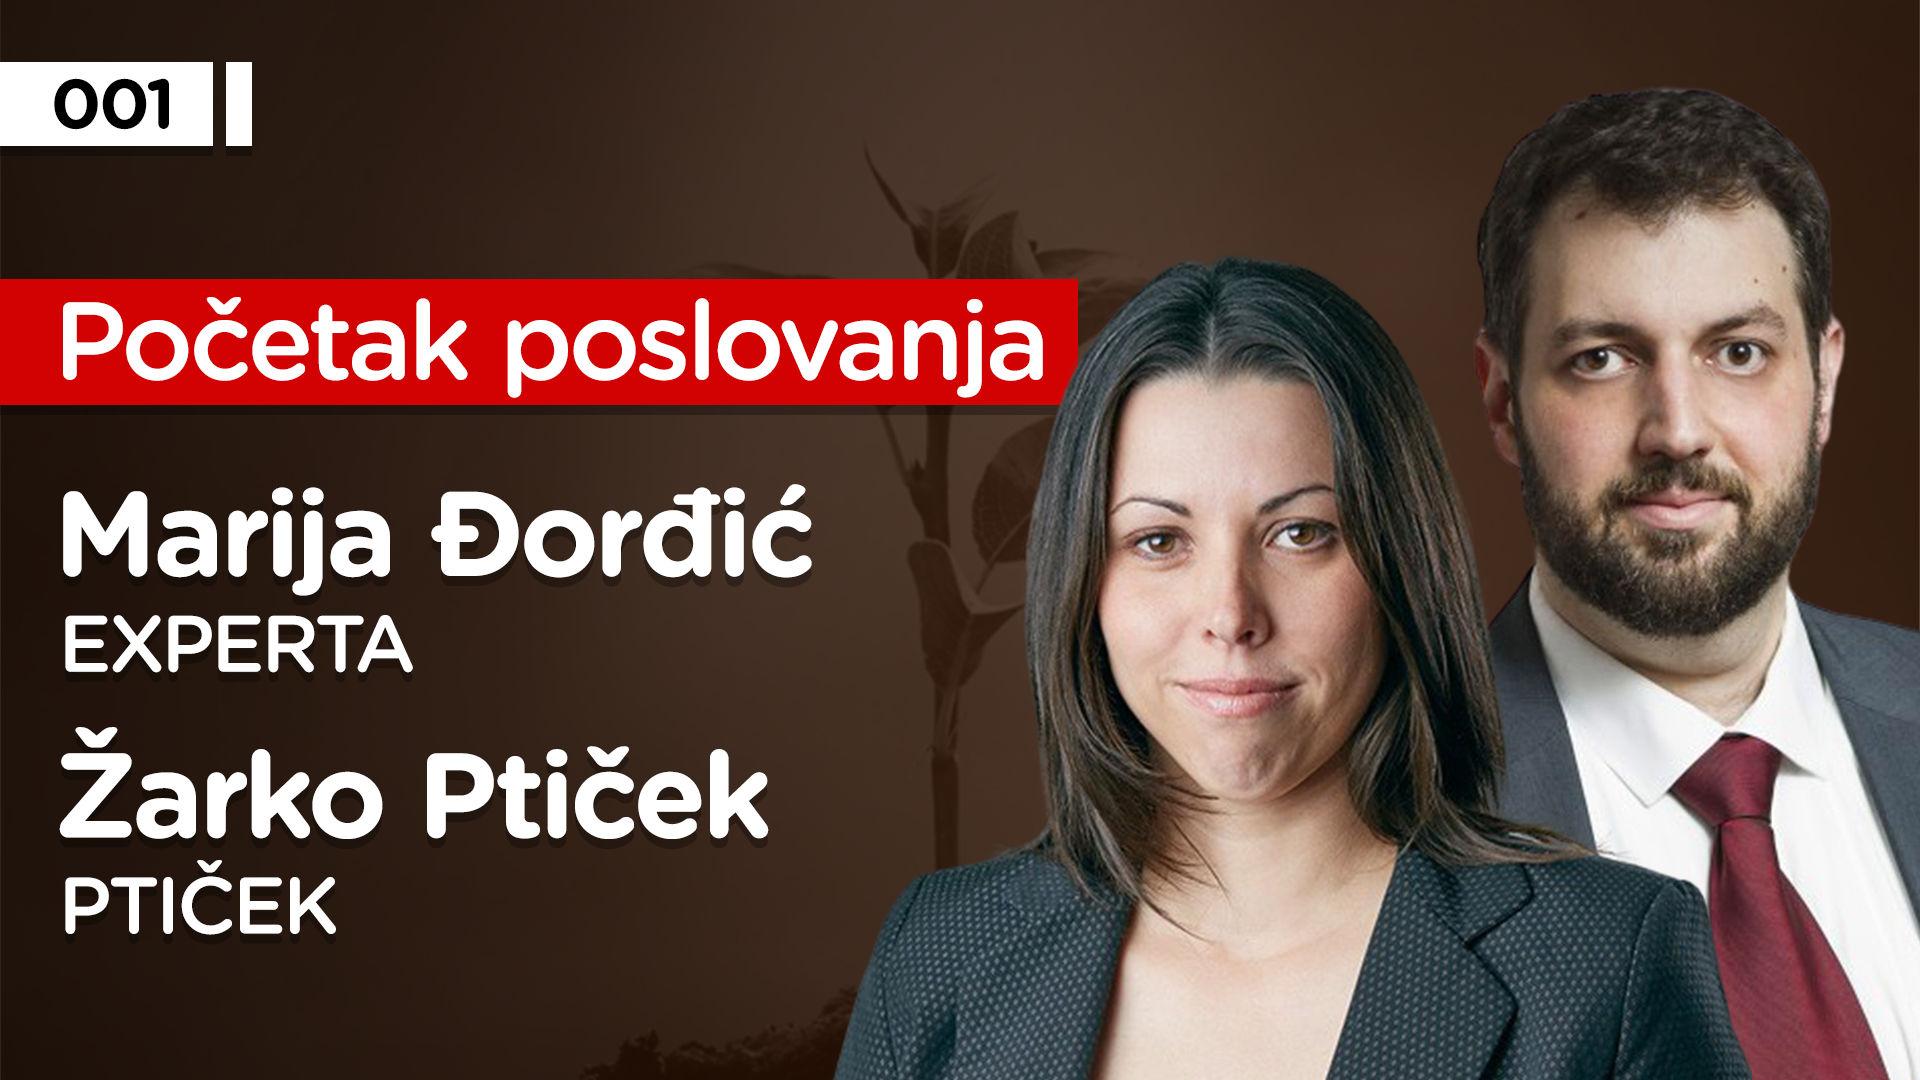 EP001: Žarko Ptiček i Marija Đorđić